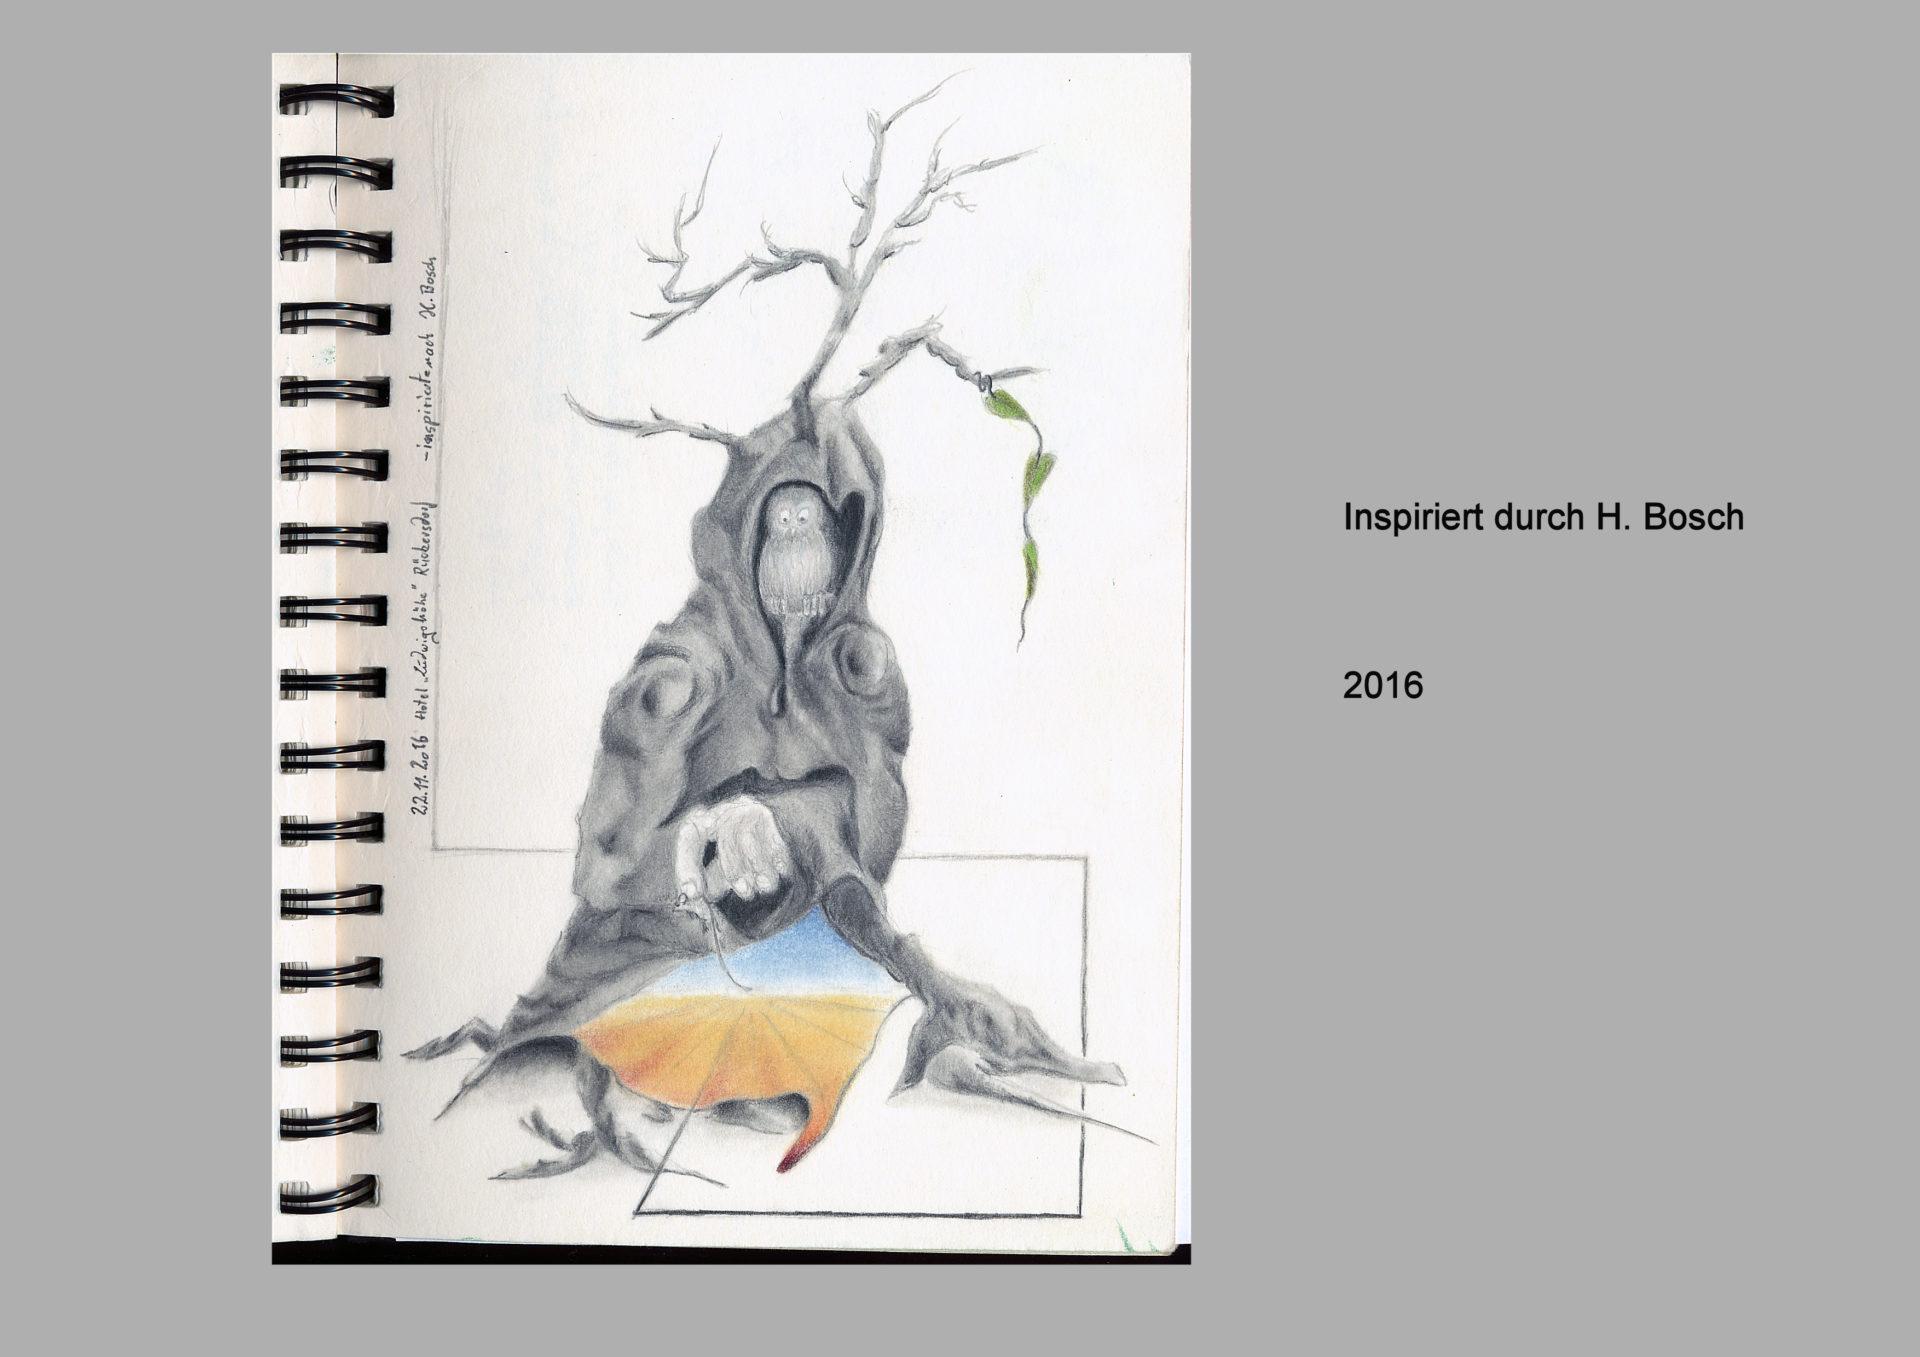 Inspiriert durch H. Bosch